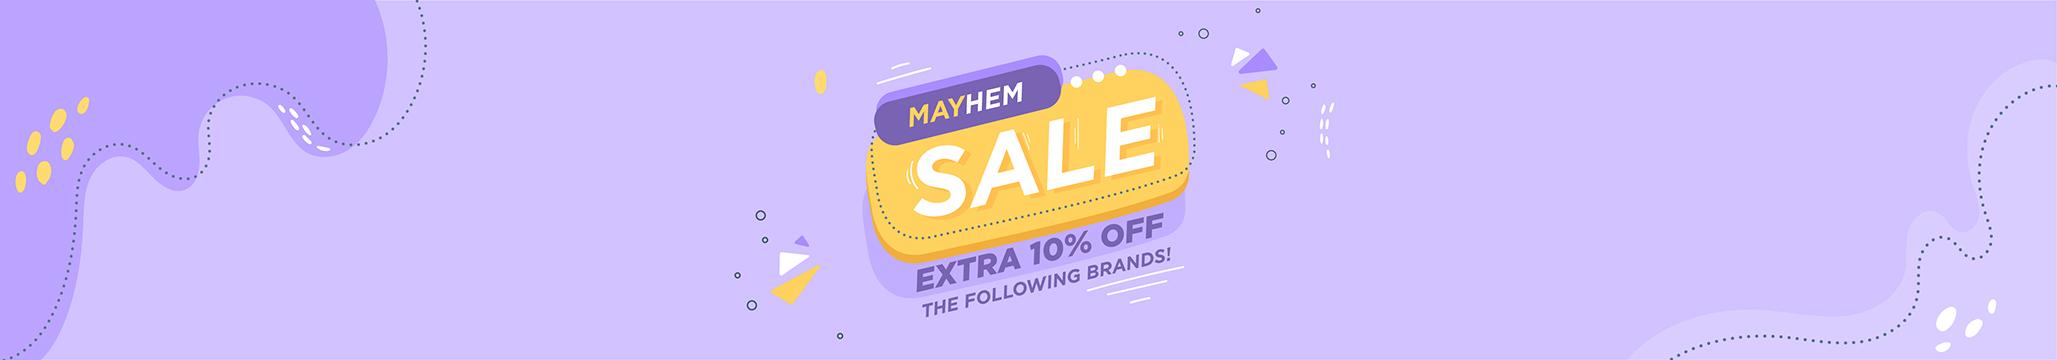 Mayhem Sale